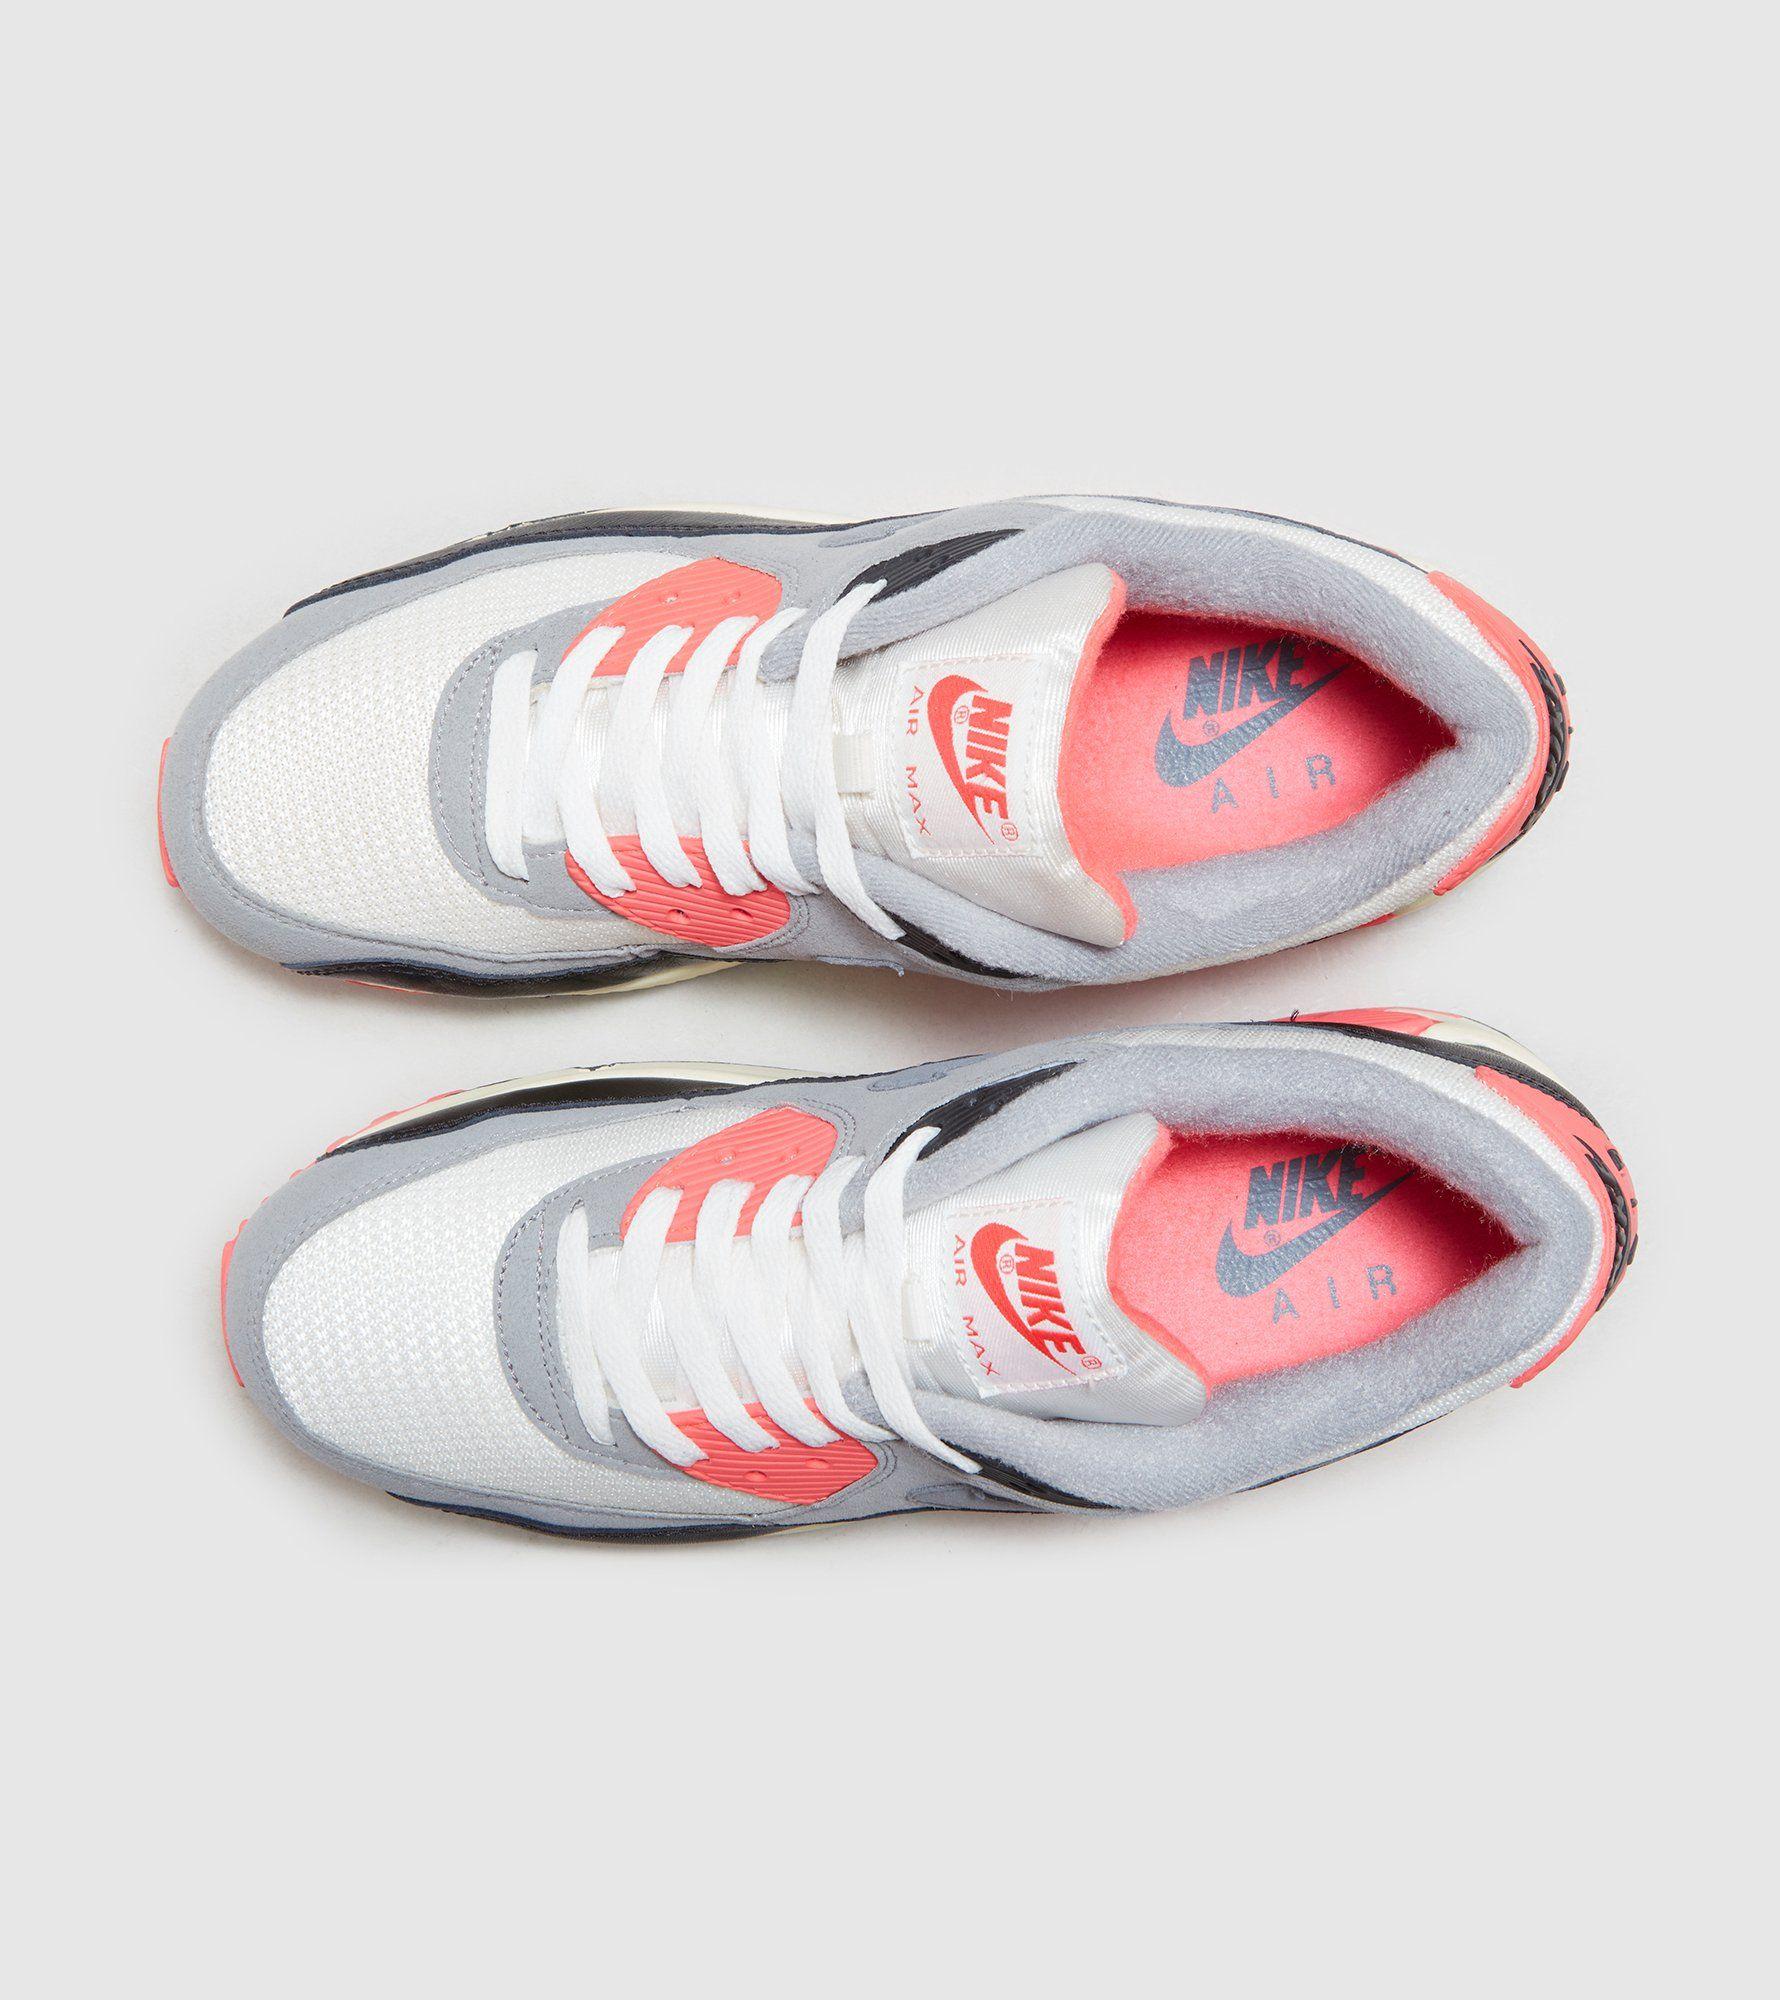 Nike Air Max 90 Infrared Vintage OG